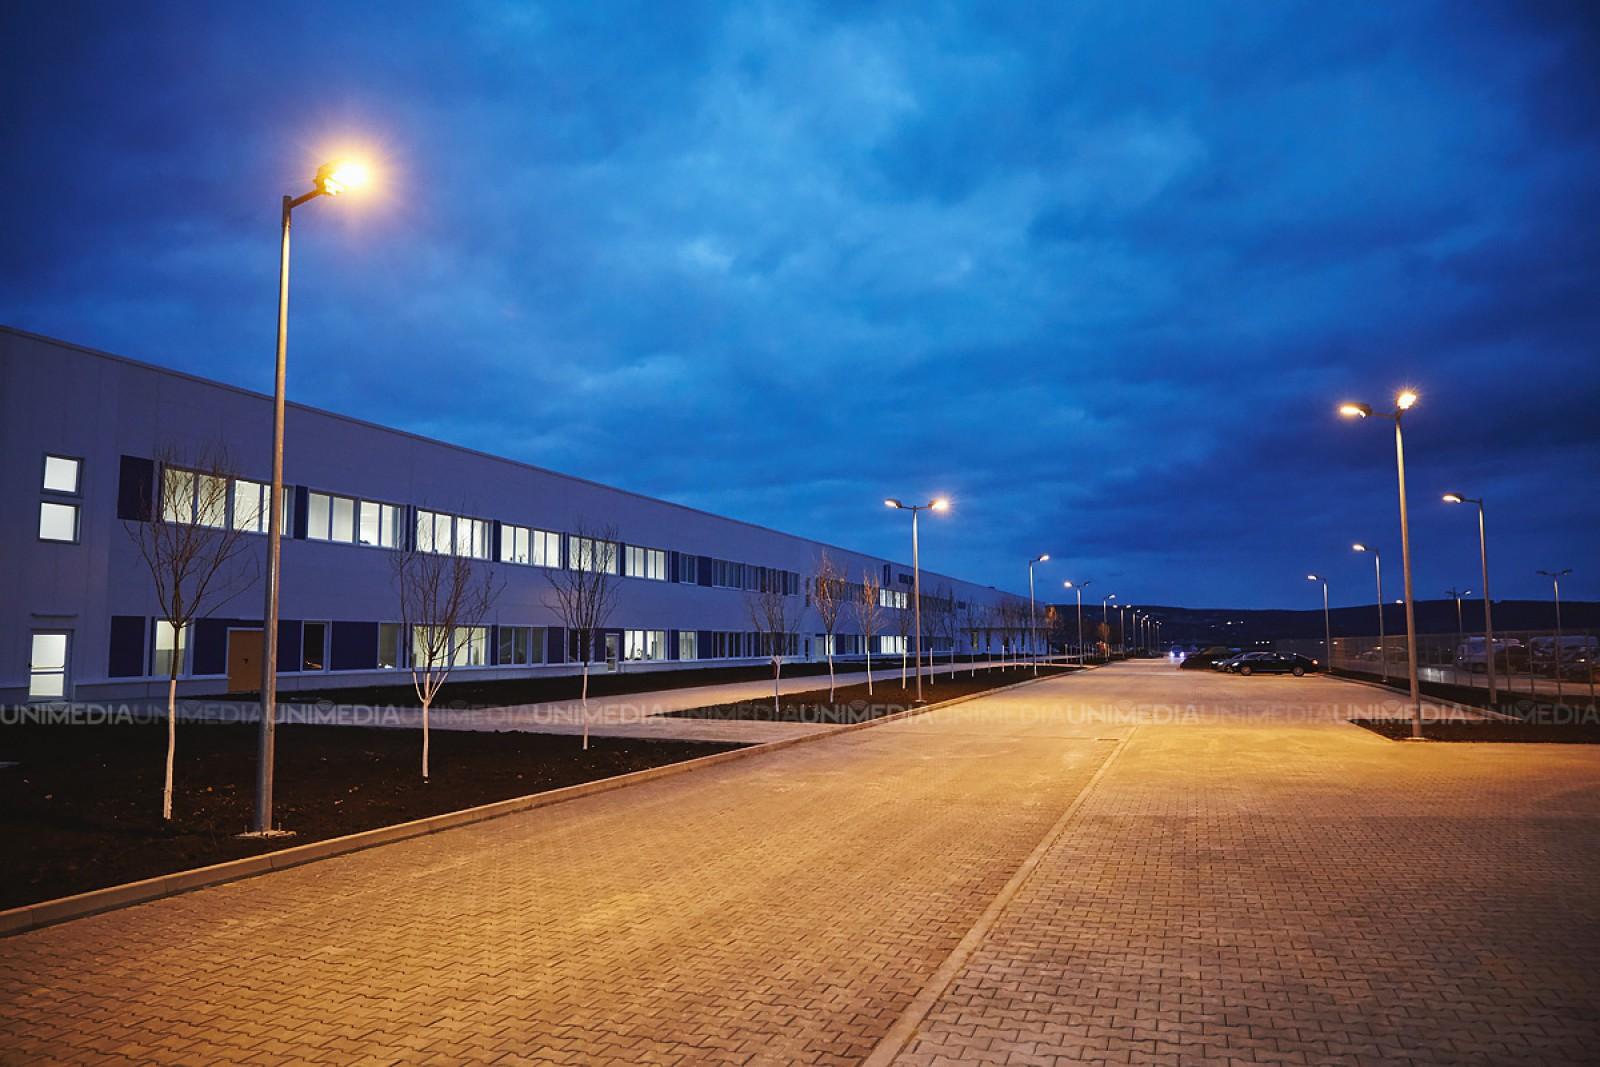 Mold-street. Nou record al zonelor economice libere: Investiții de 64,5 milioane de dolari și 12 mii de angajați